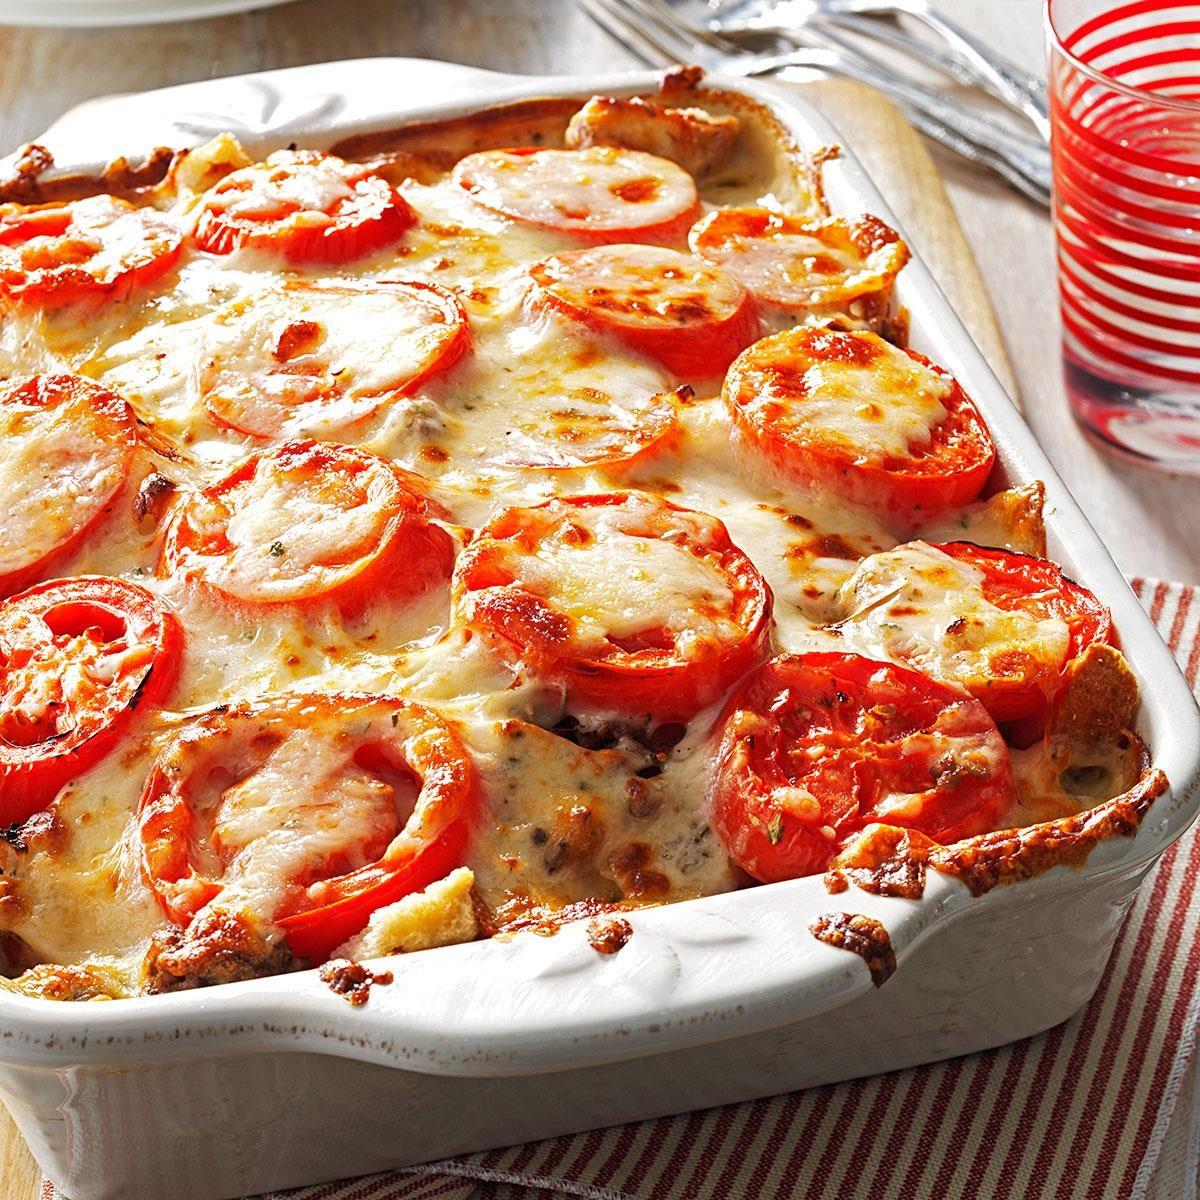 Tomato-French Bread Lasagna Recipe